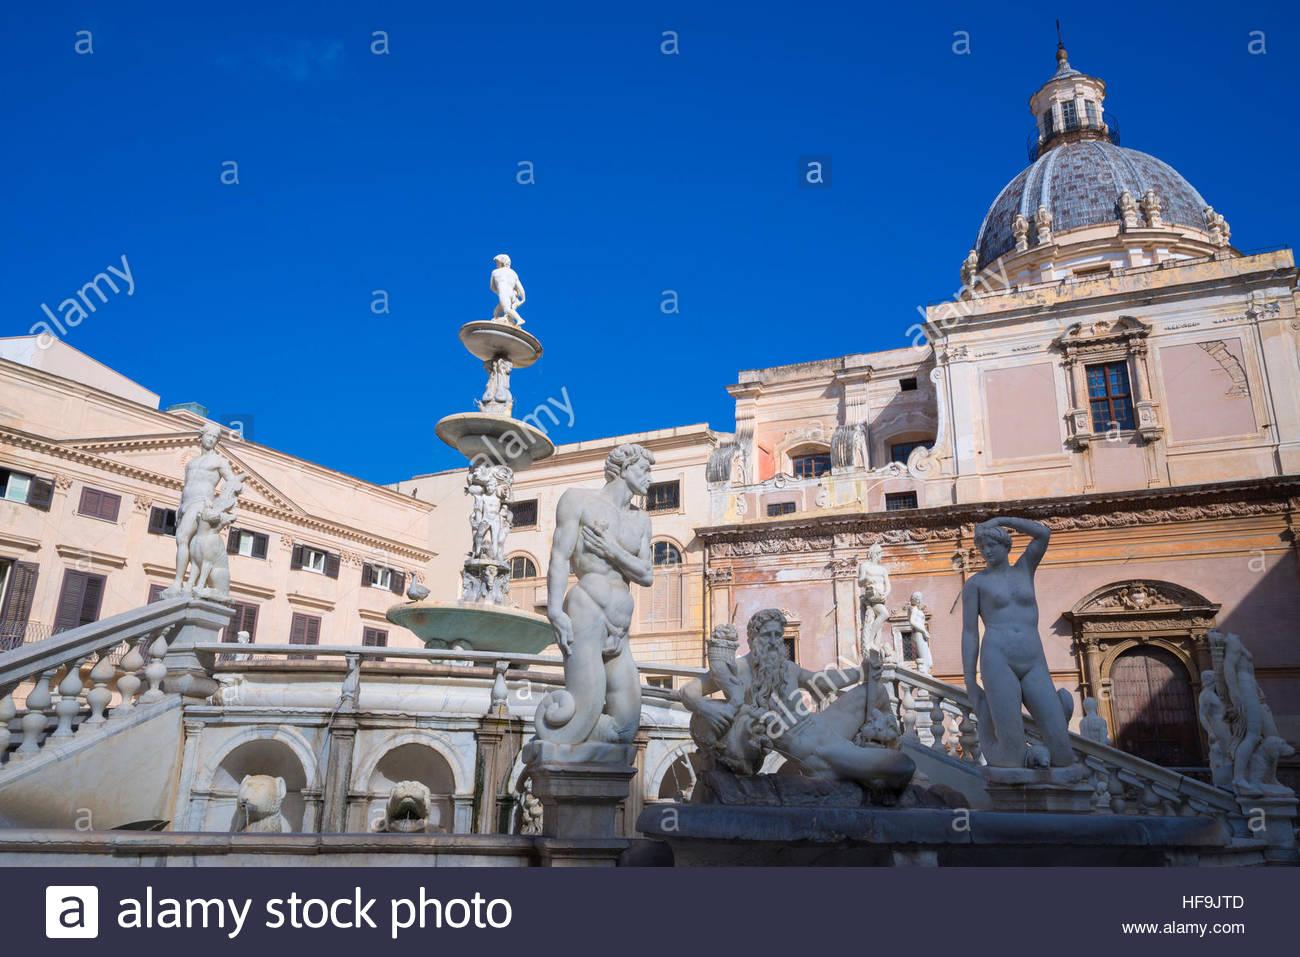 La Piazza Pretoria, Palermo, Sicilia, Italia, Europa Foto de stock